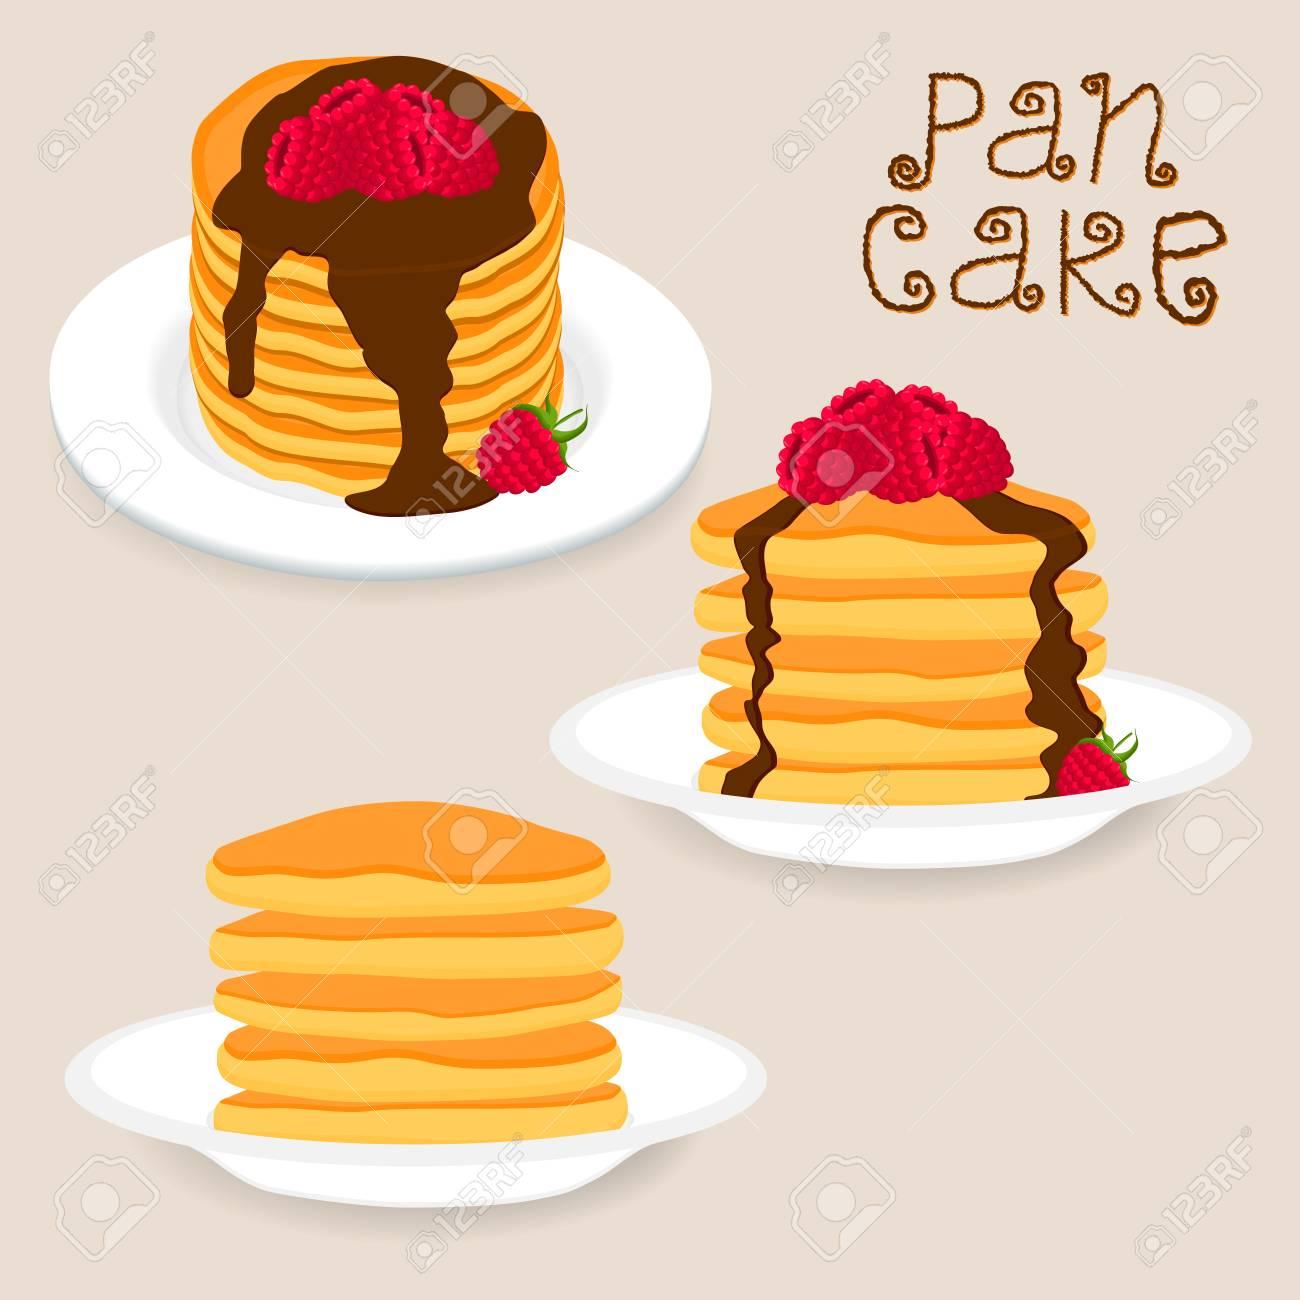 gelbes kuchendesign logos, abstraktes vektorikonen-illustrationslogo für gelben pfannkuchen, Design ideen